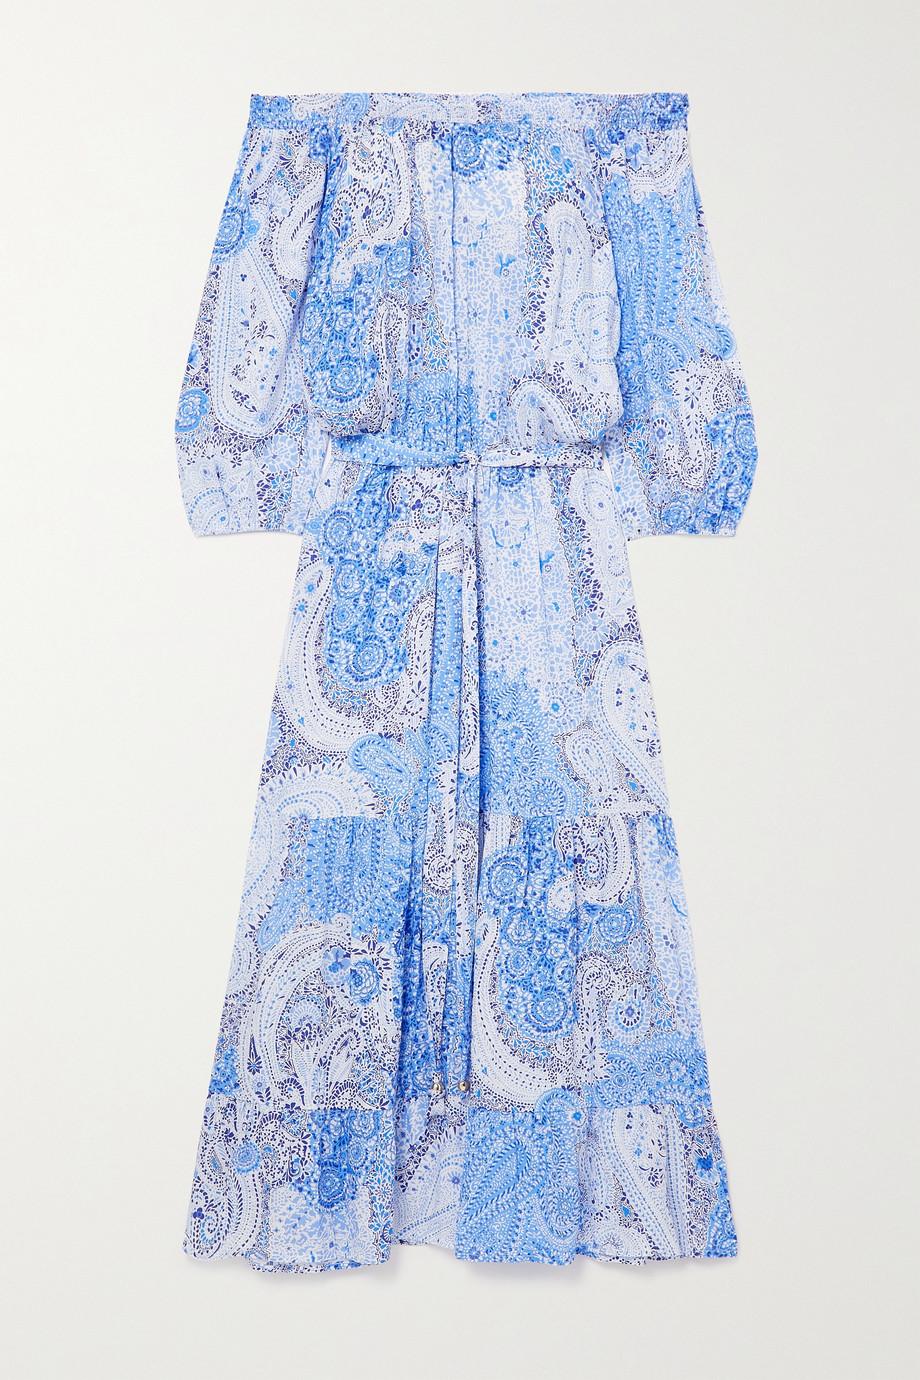 Melissa Odabash Condor off-the-shoulder belted paisley-print georgette midi dress